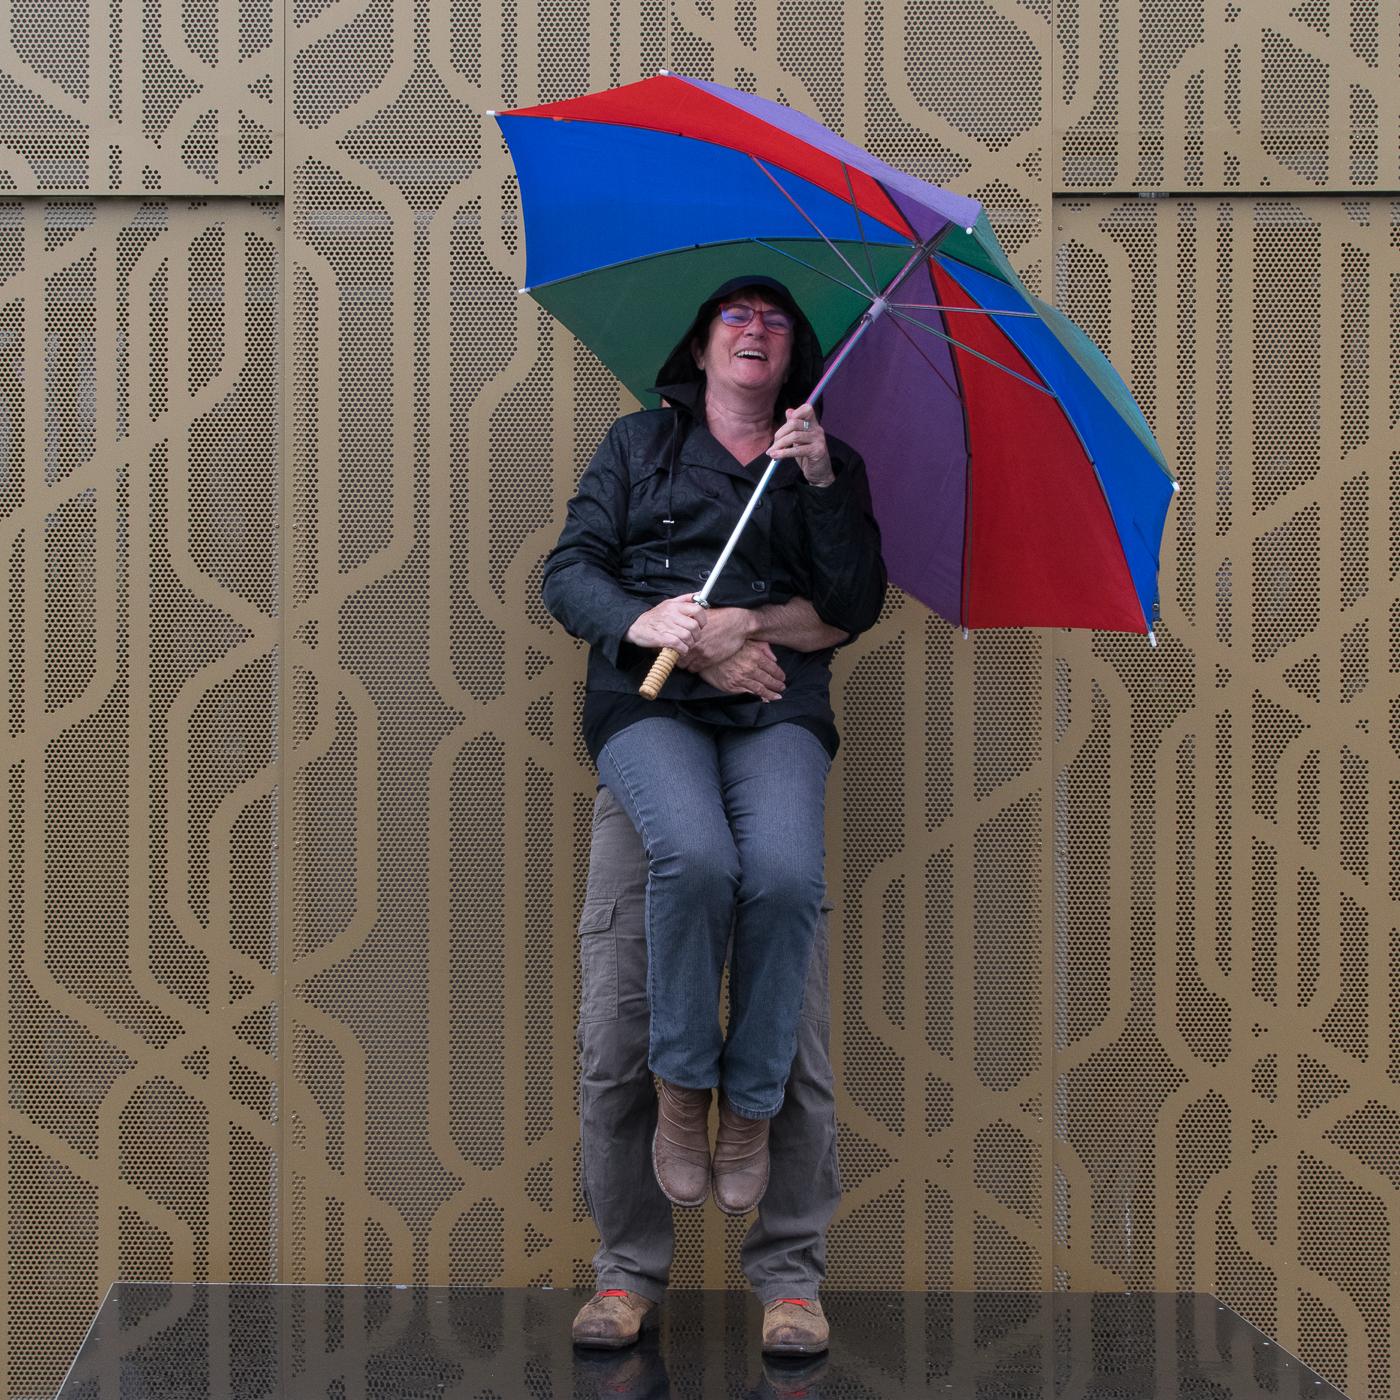 Parapluies 2016 - Ptit coin de paradis